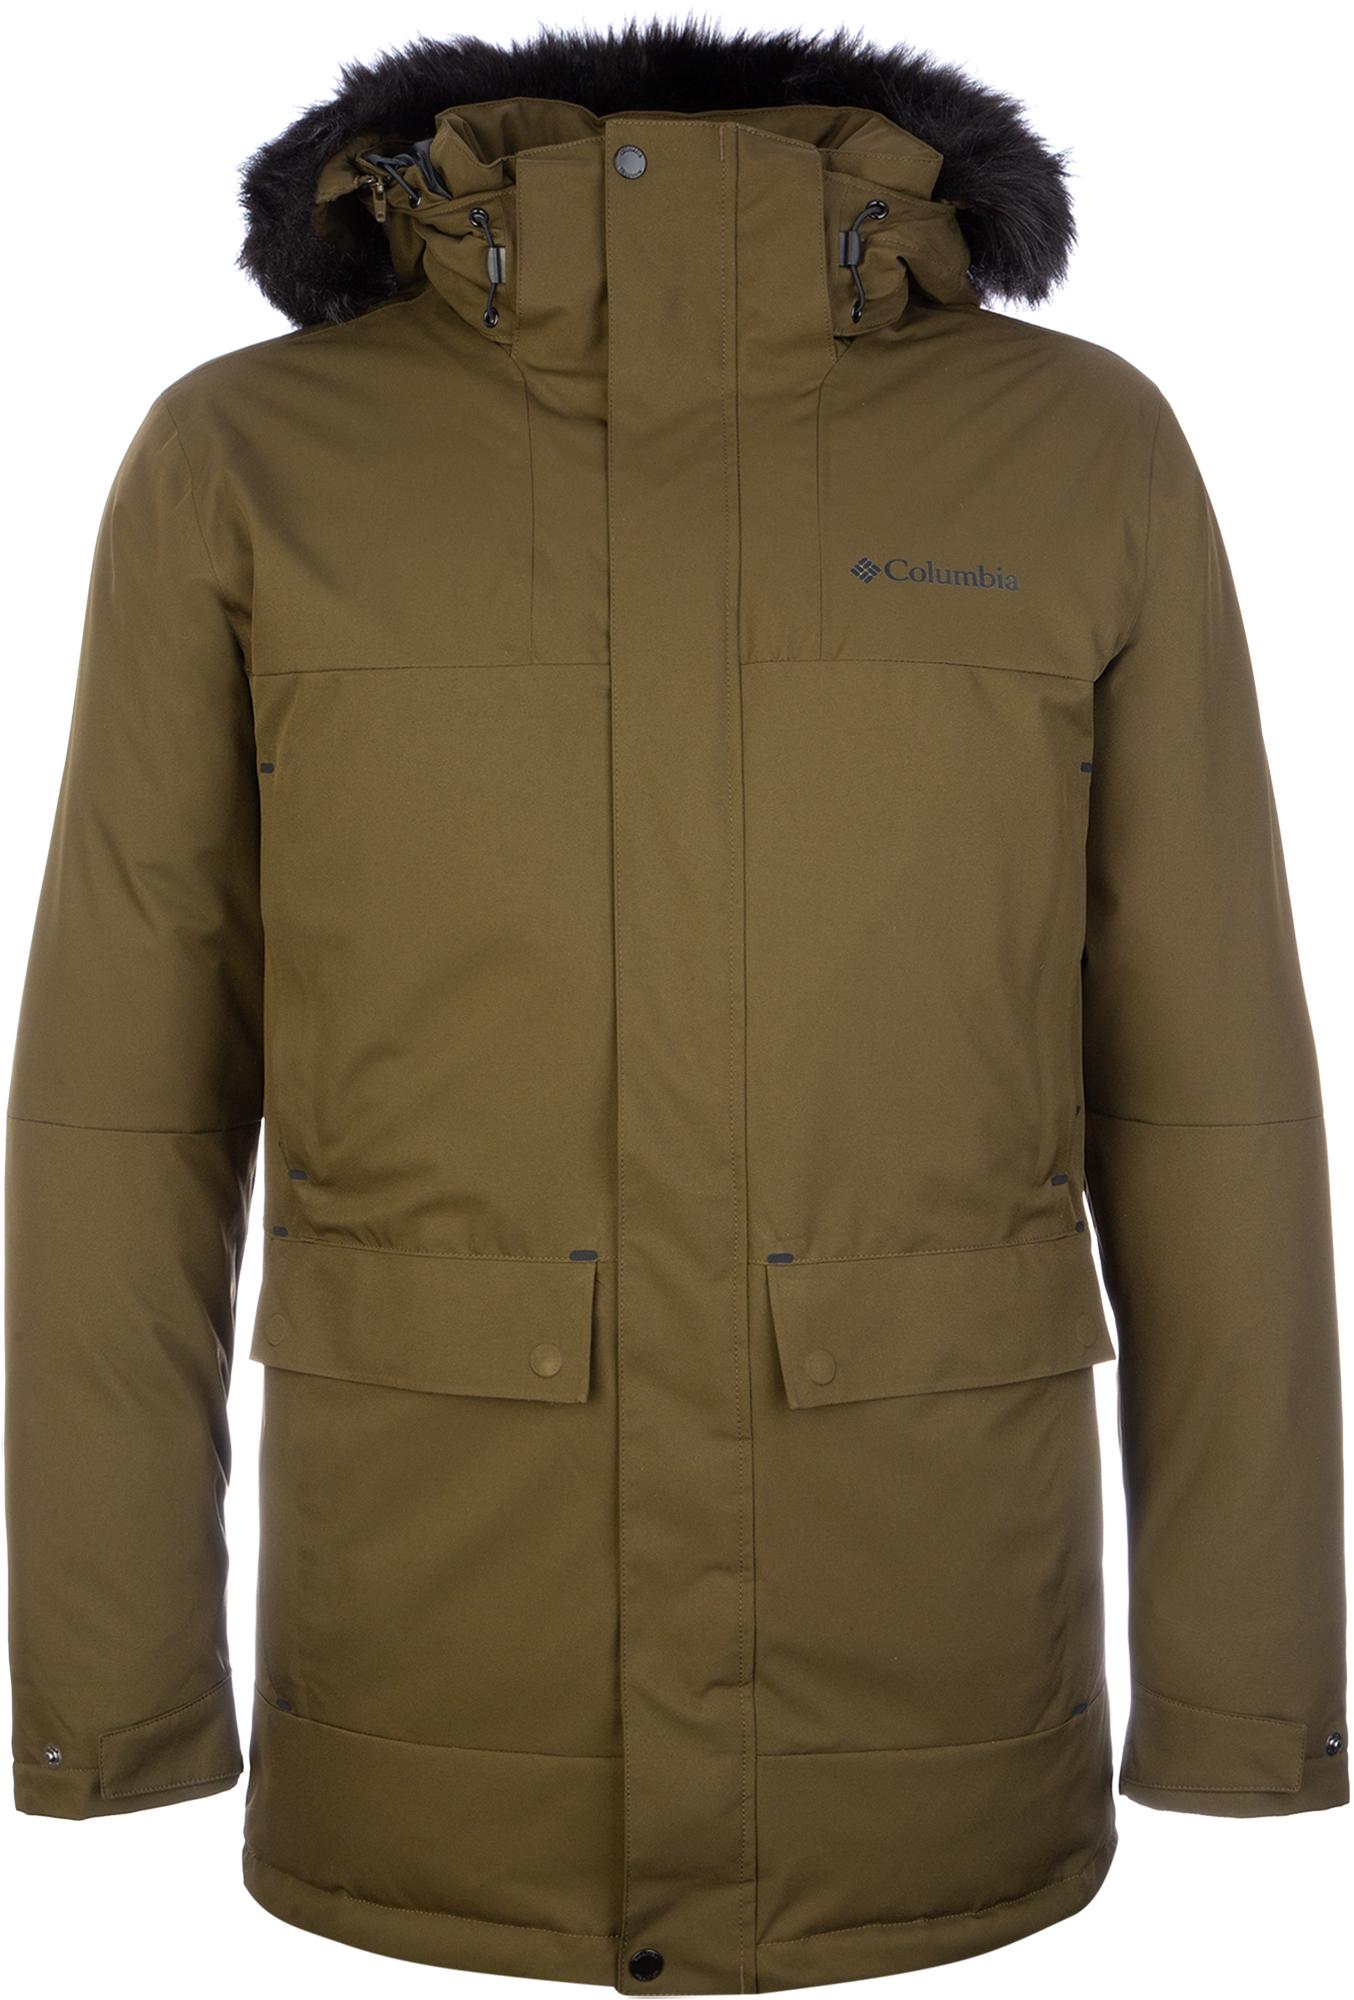 Columbia Куртка пуховая мужская Winter Rebellion, размер 46